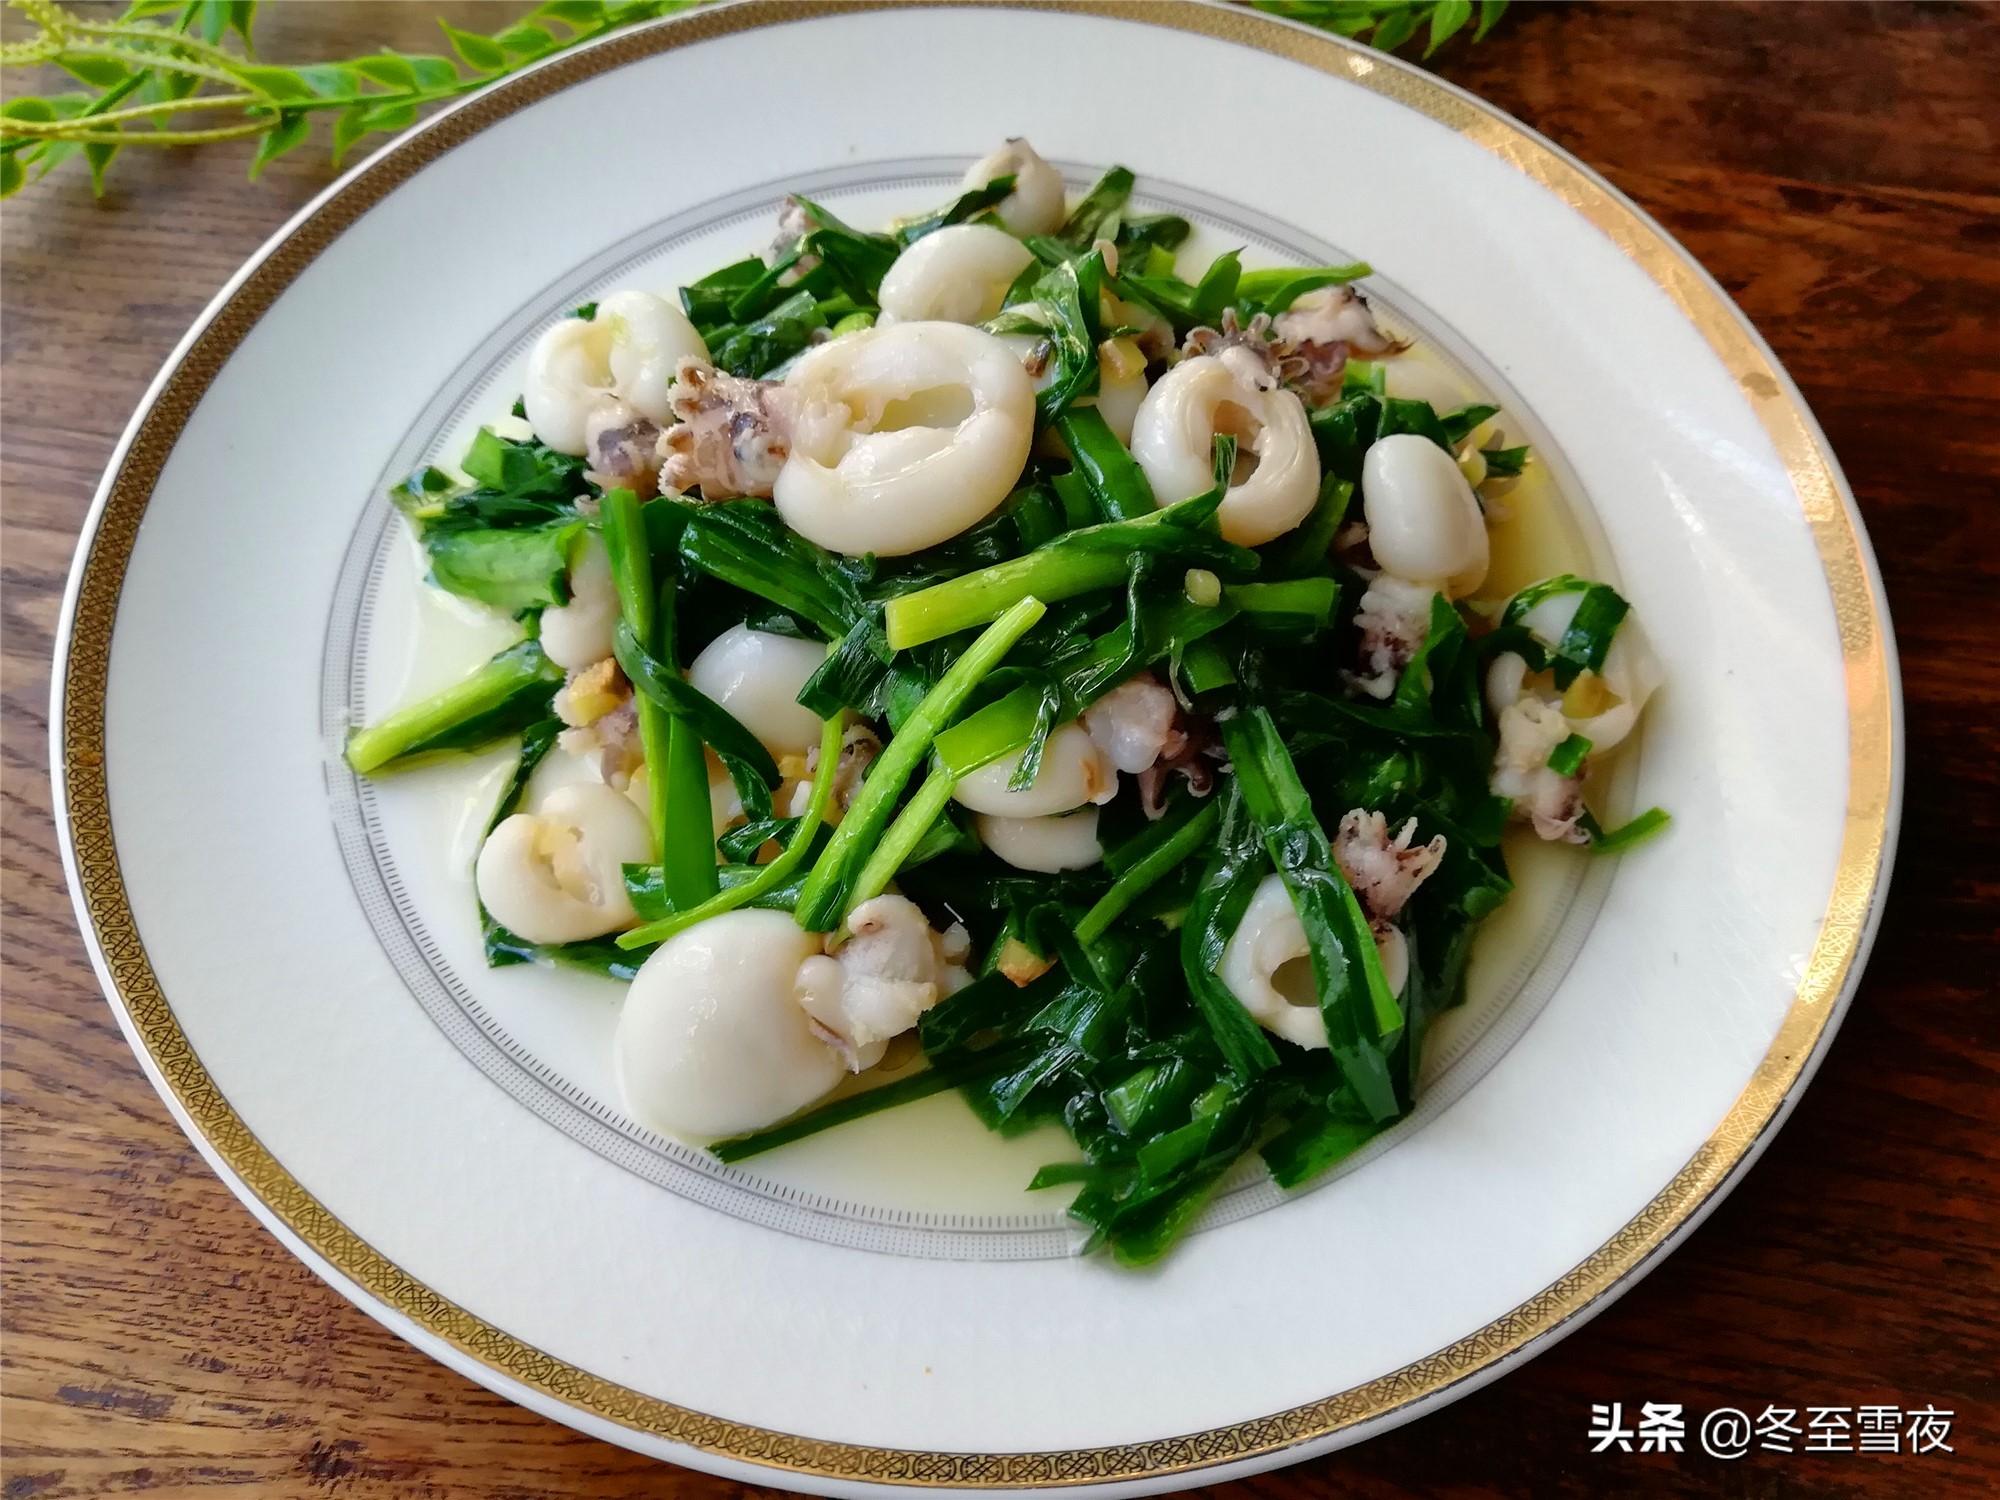 12道韭菜的做法,鲜香味美,鲜味十足 美食做法 第3张